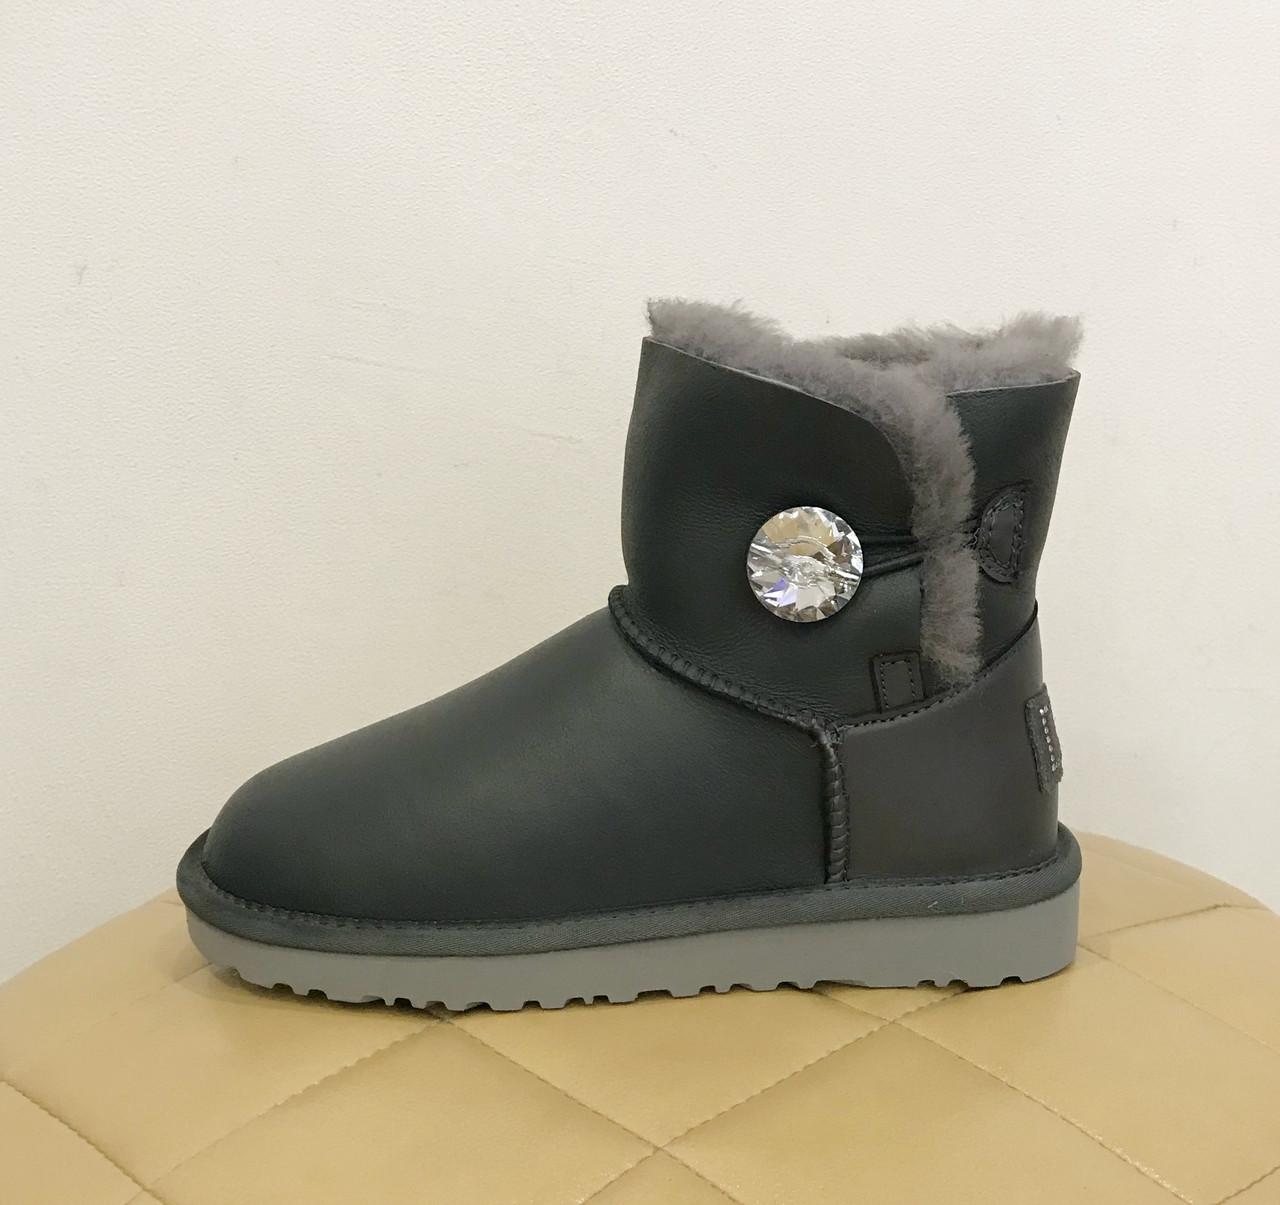 UGG Bailey Bling Swarovski Min Grey Metallic Серые кожаные угги мини с кристалом Сваровски